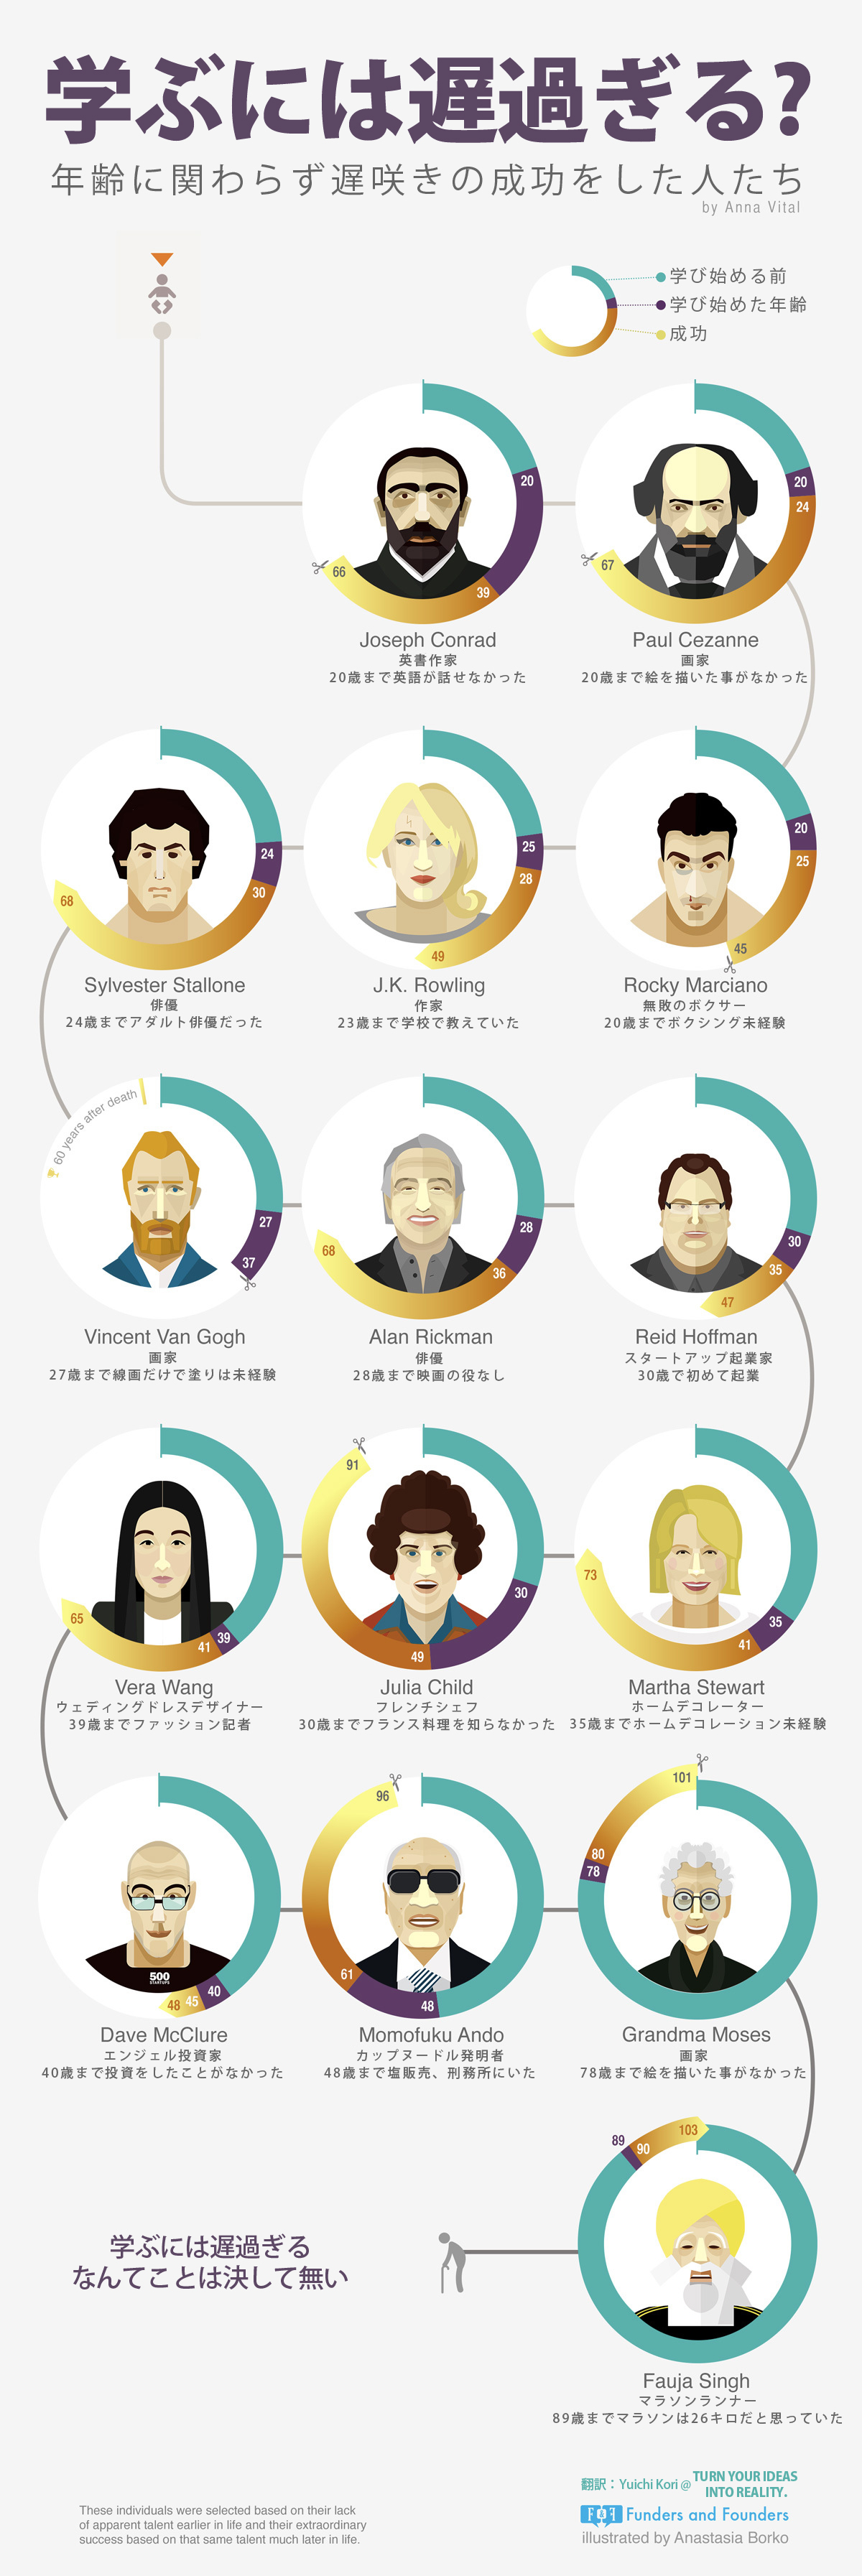 インフォグラフィック:才能の発見は人生を豊かにする。変化を恐れず、楽しみ、学ぶ